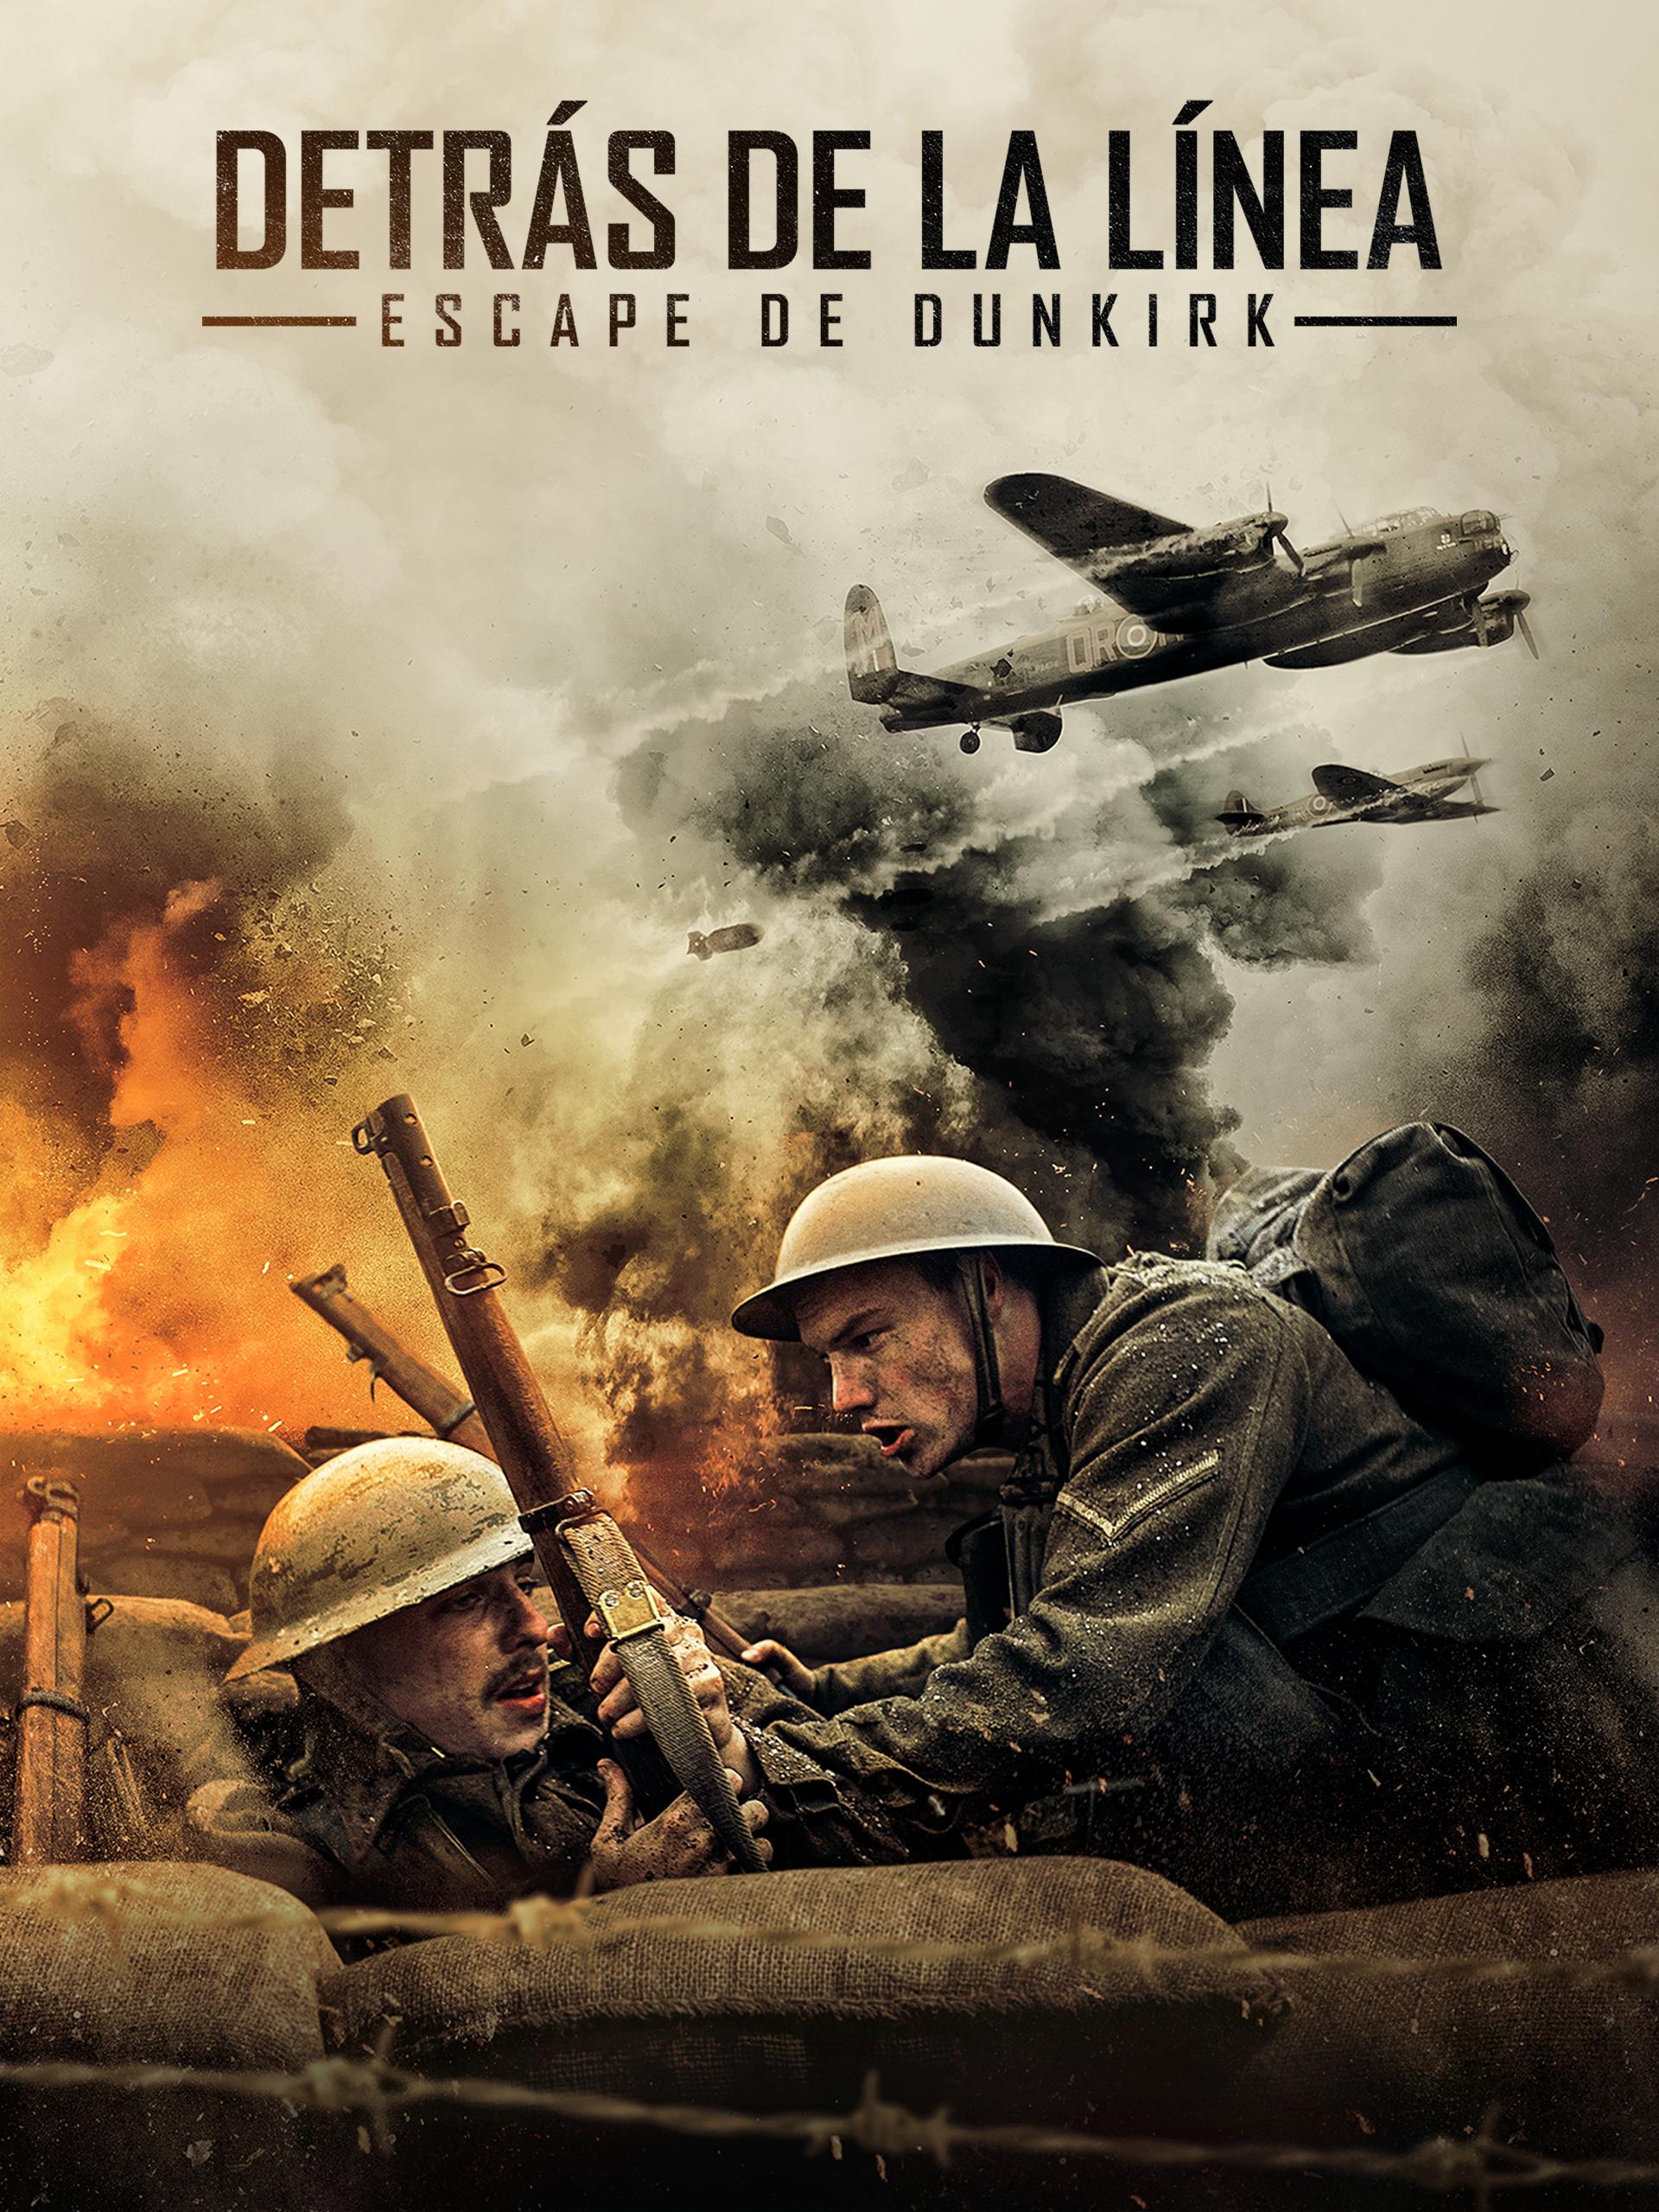 Prime Video Detras De La Linea Escape De Dunkirk